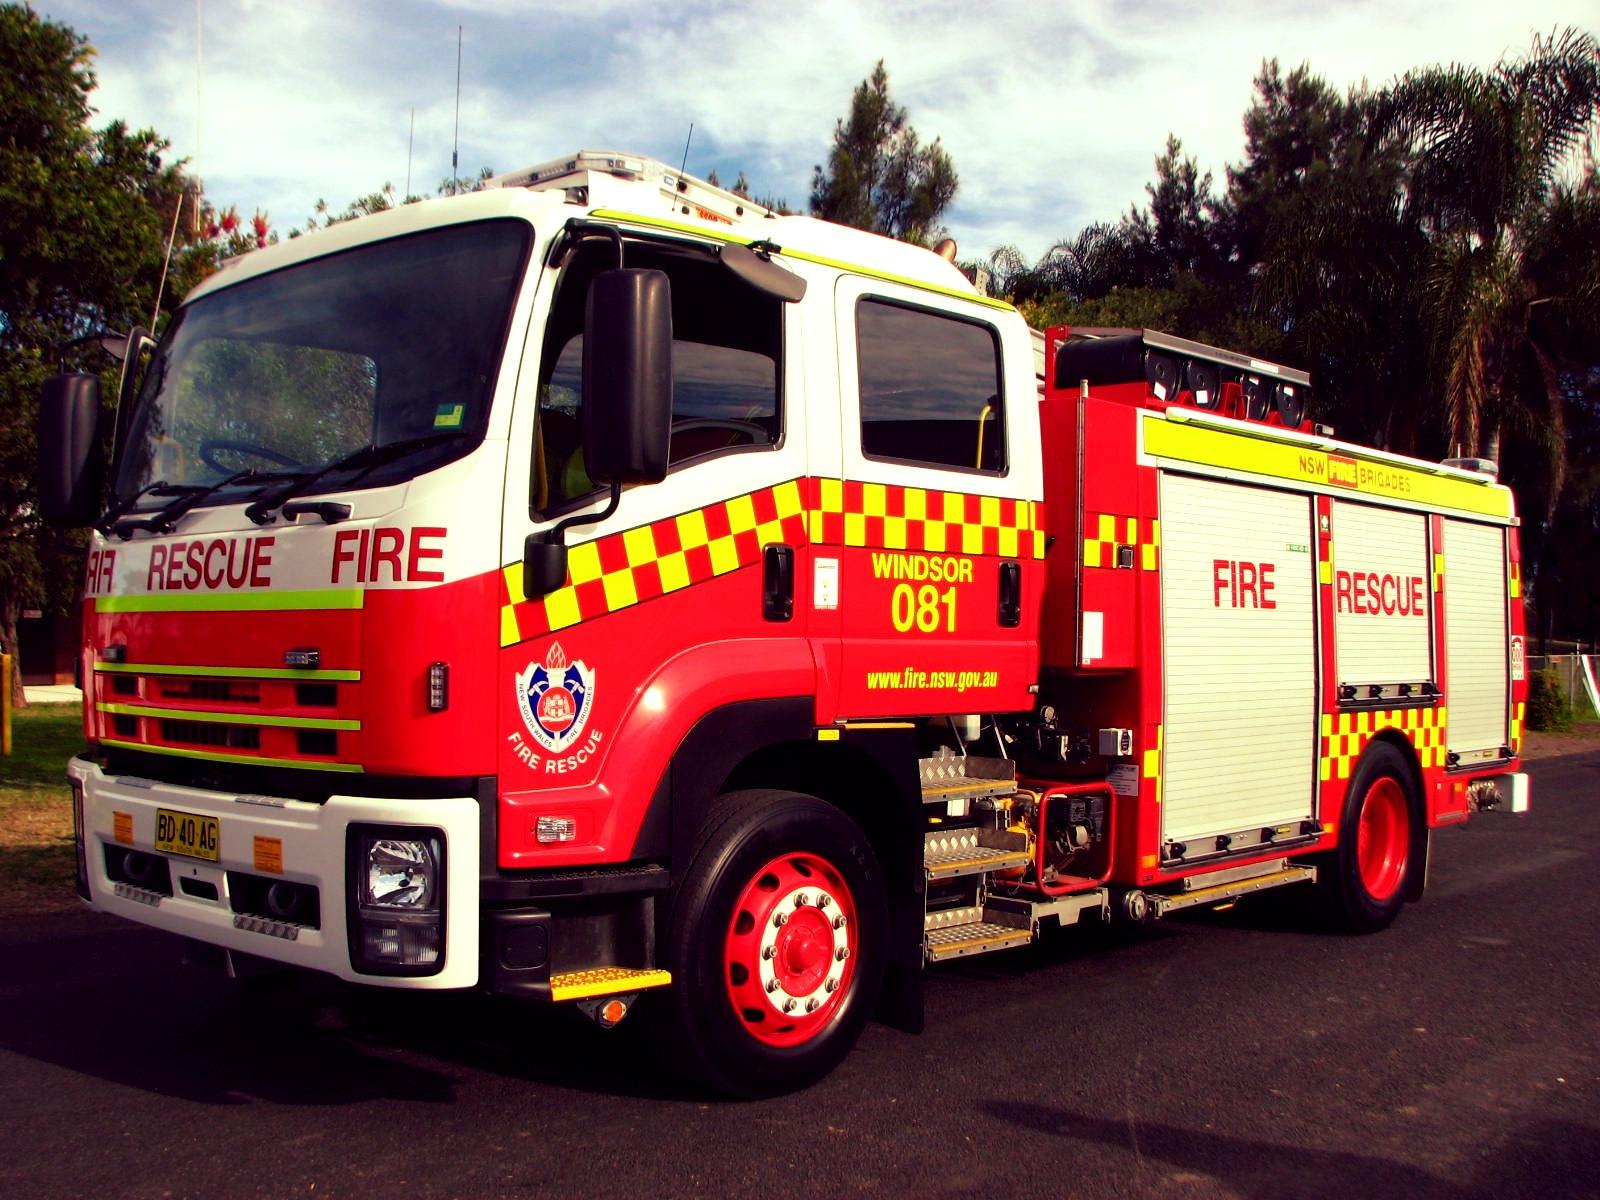 NSWFB_Isuzu_Fire-Rescue_Windsor_081_-_Flickr_-_Highway_Patrol_Images_(3).jpg